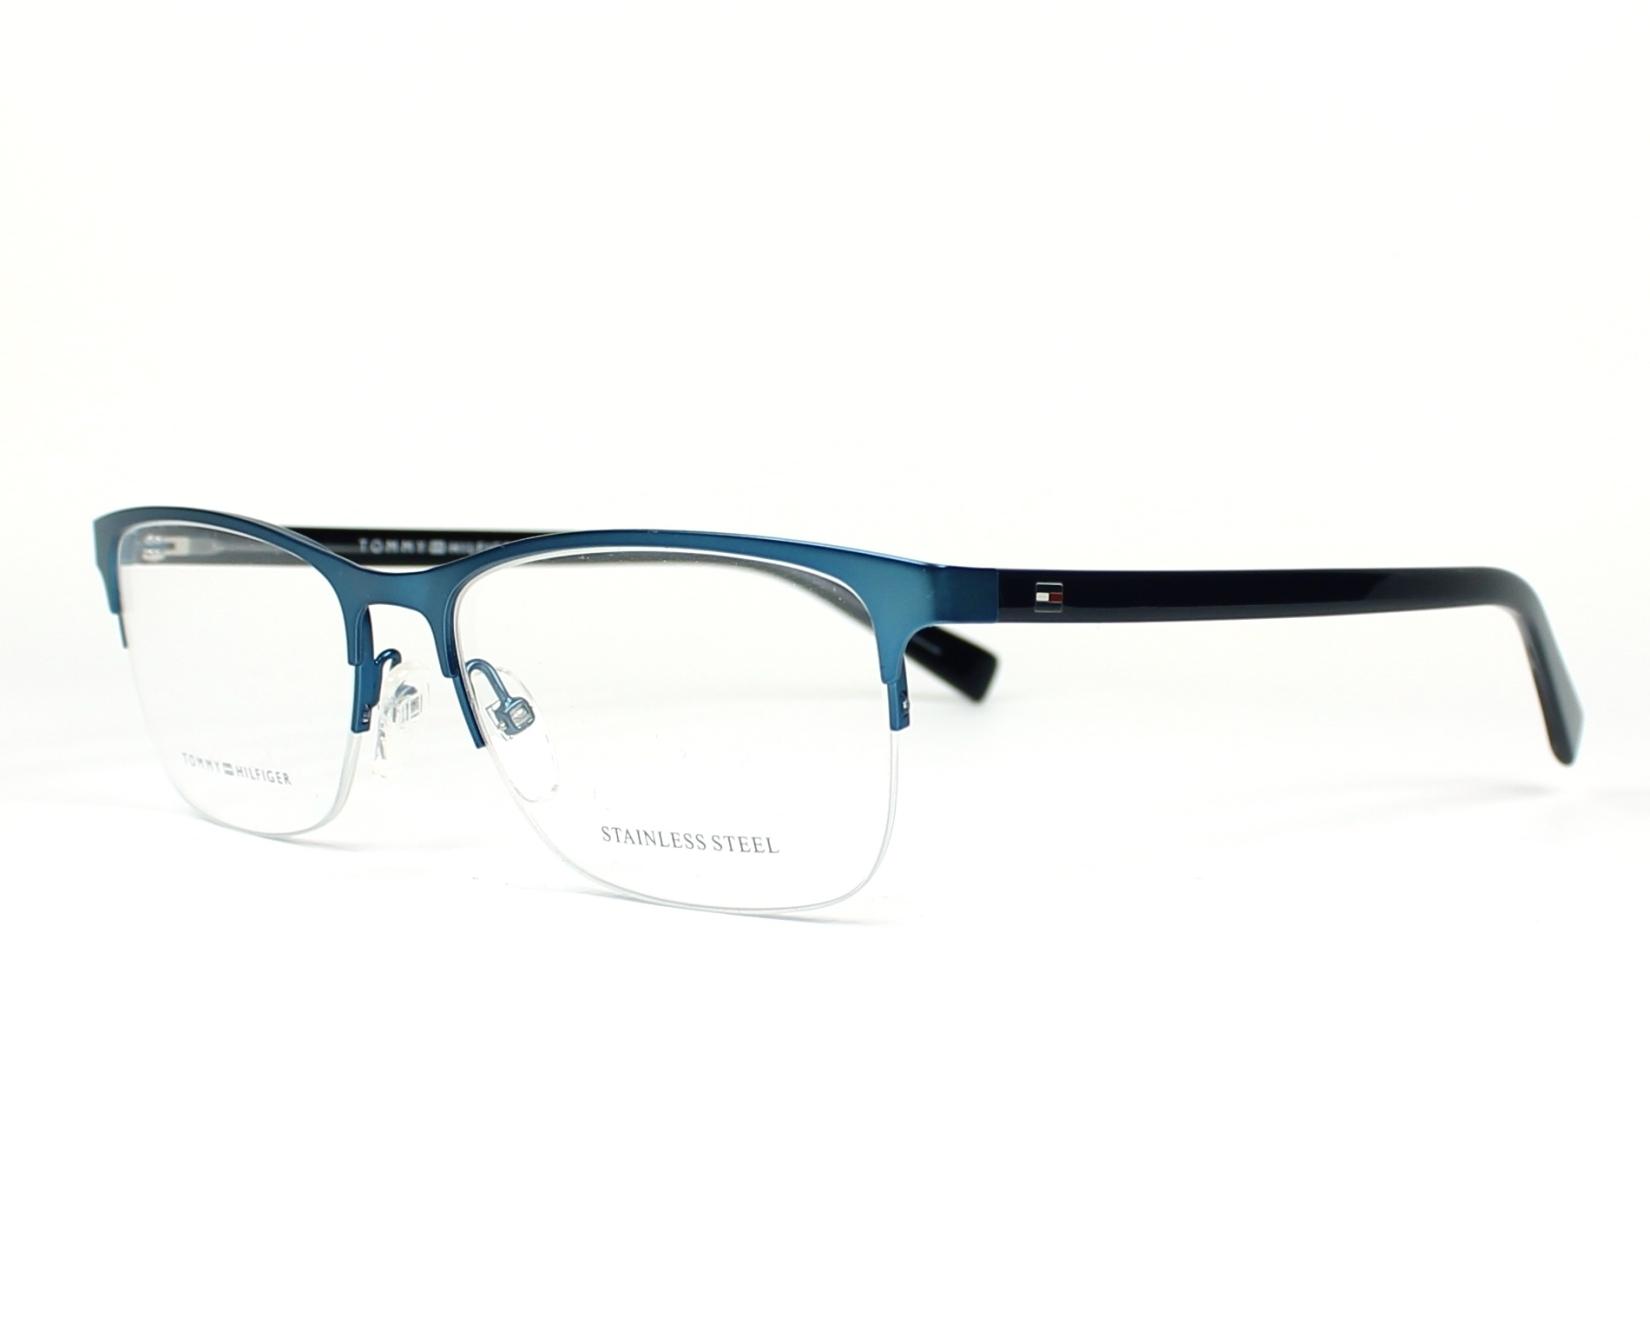 lunettes de vue tommy hilfiger th 1453 b40 bleu. Black Bedroom Furniture Sets. Home Design Ideas